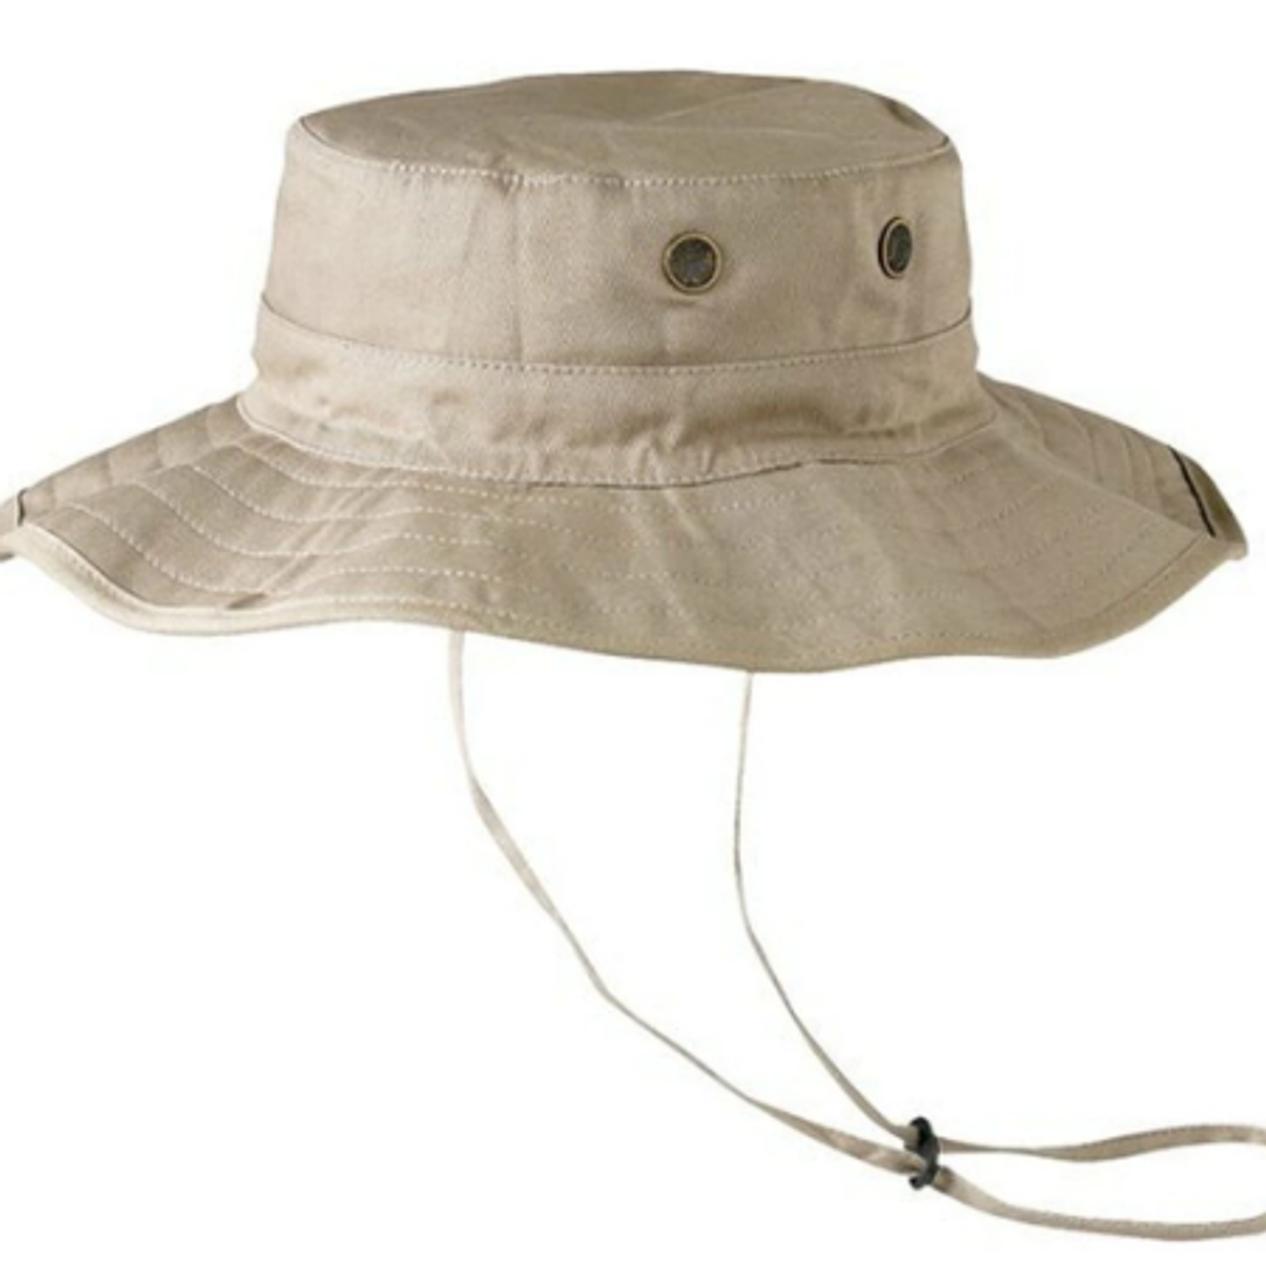 Surplus Canadian Cadet Sun Hat - Unissued